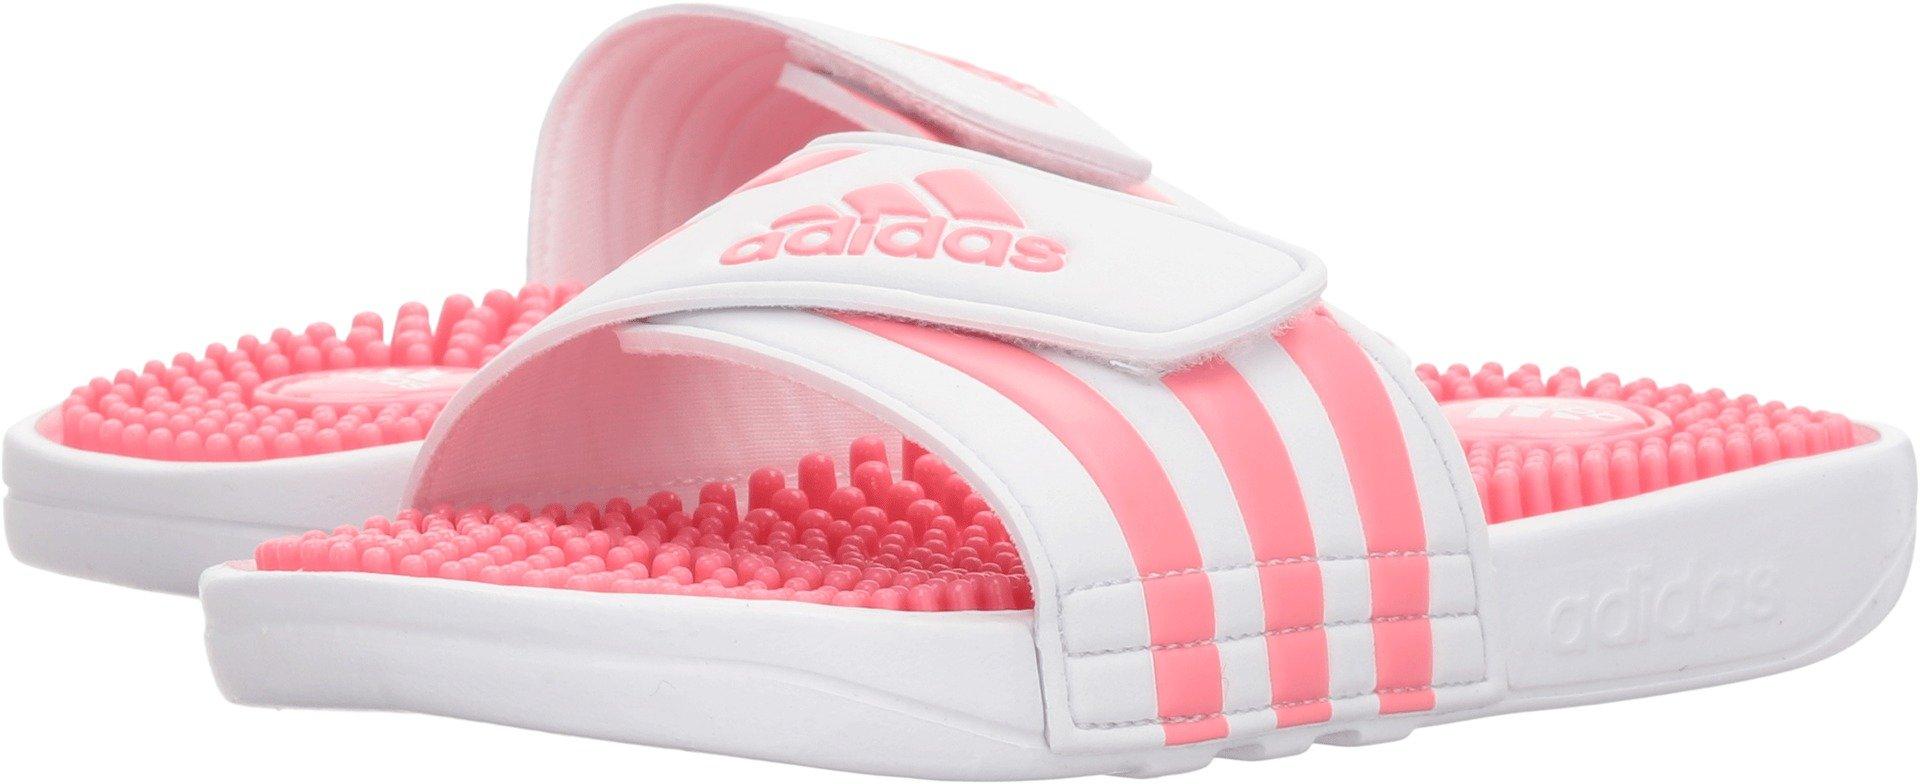 a10efe1bb adidas Girls  Adissage K